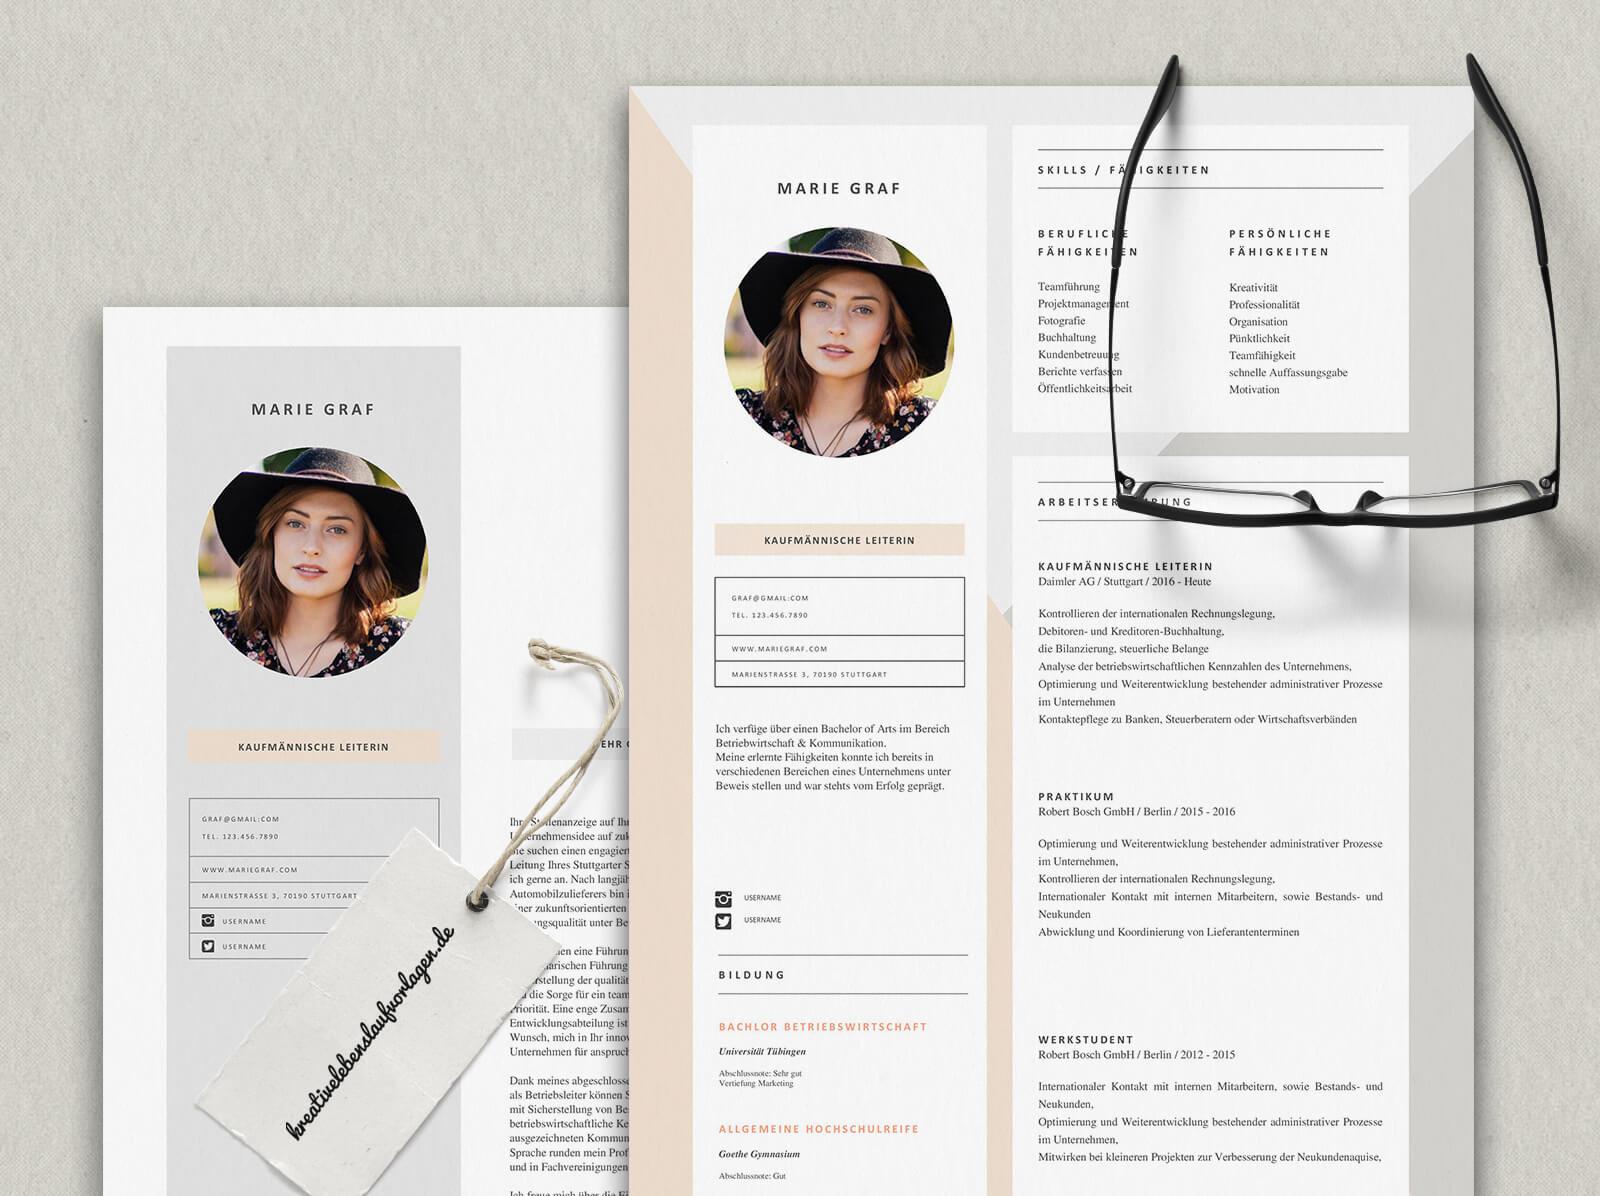 Kreative Lebenslaufvorlagen Und Bewerbungsunterlagen